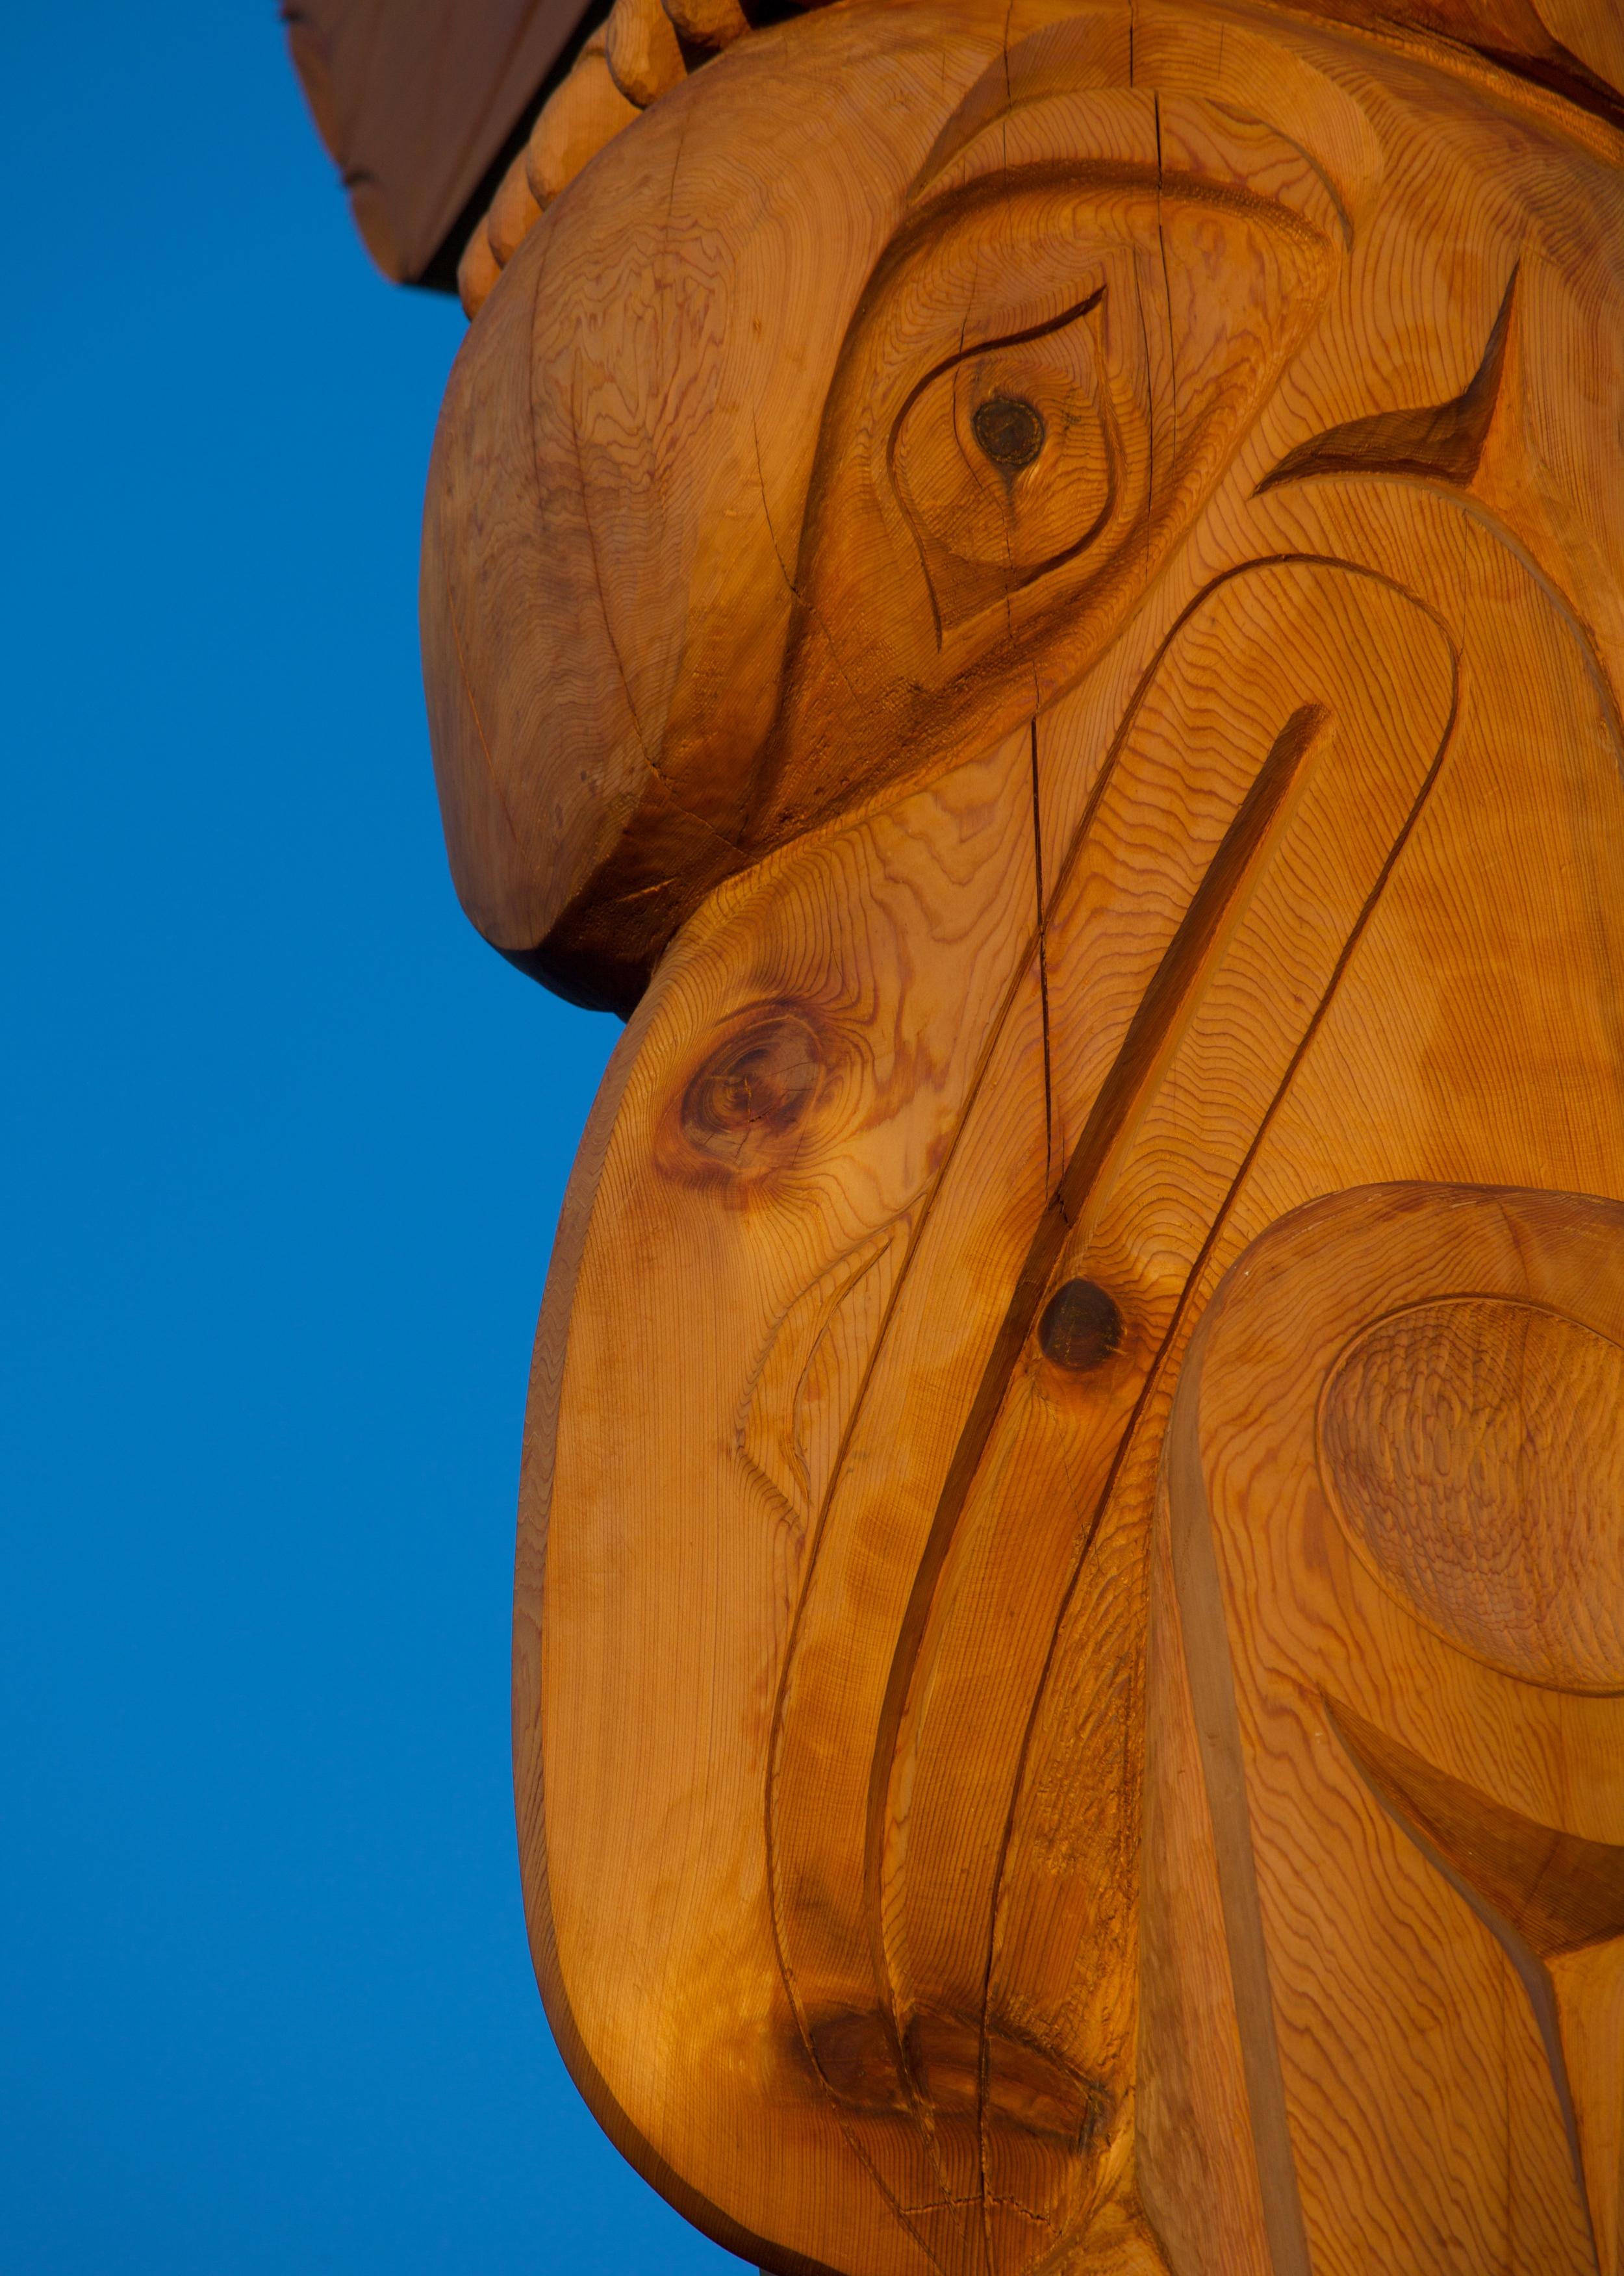 Vancouver++7287-735060706-O.jpg